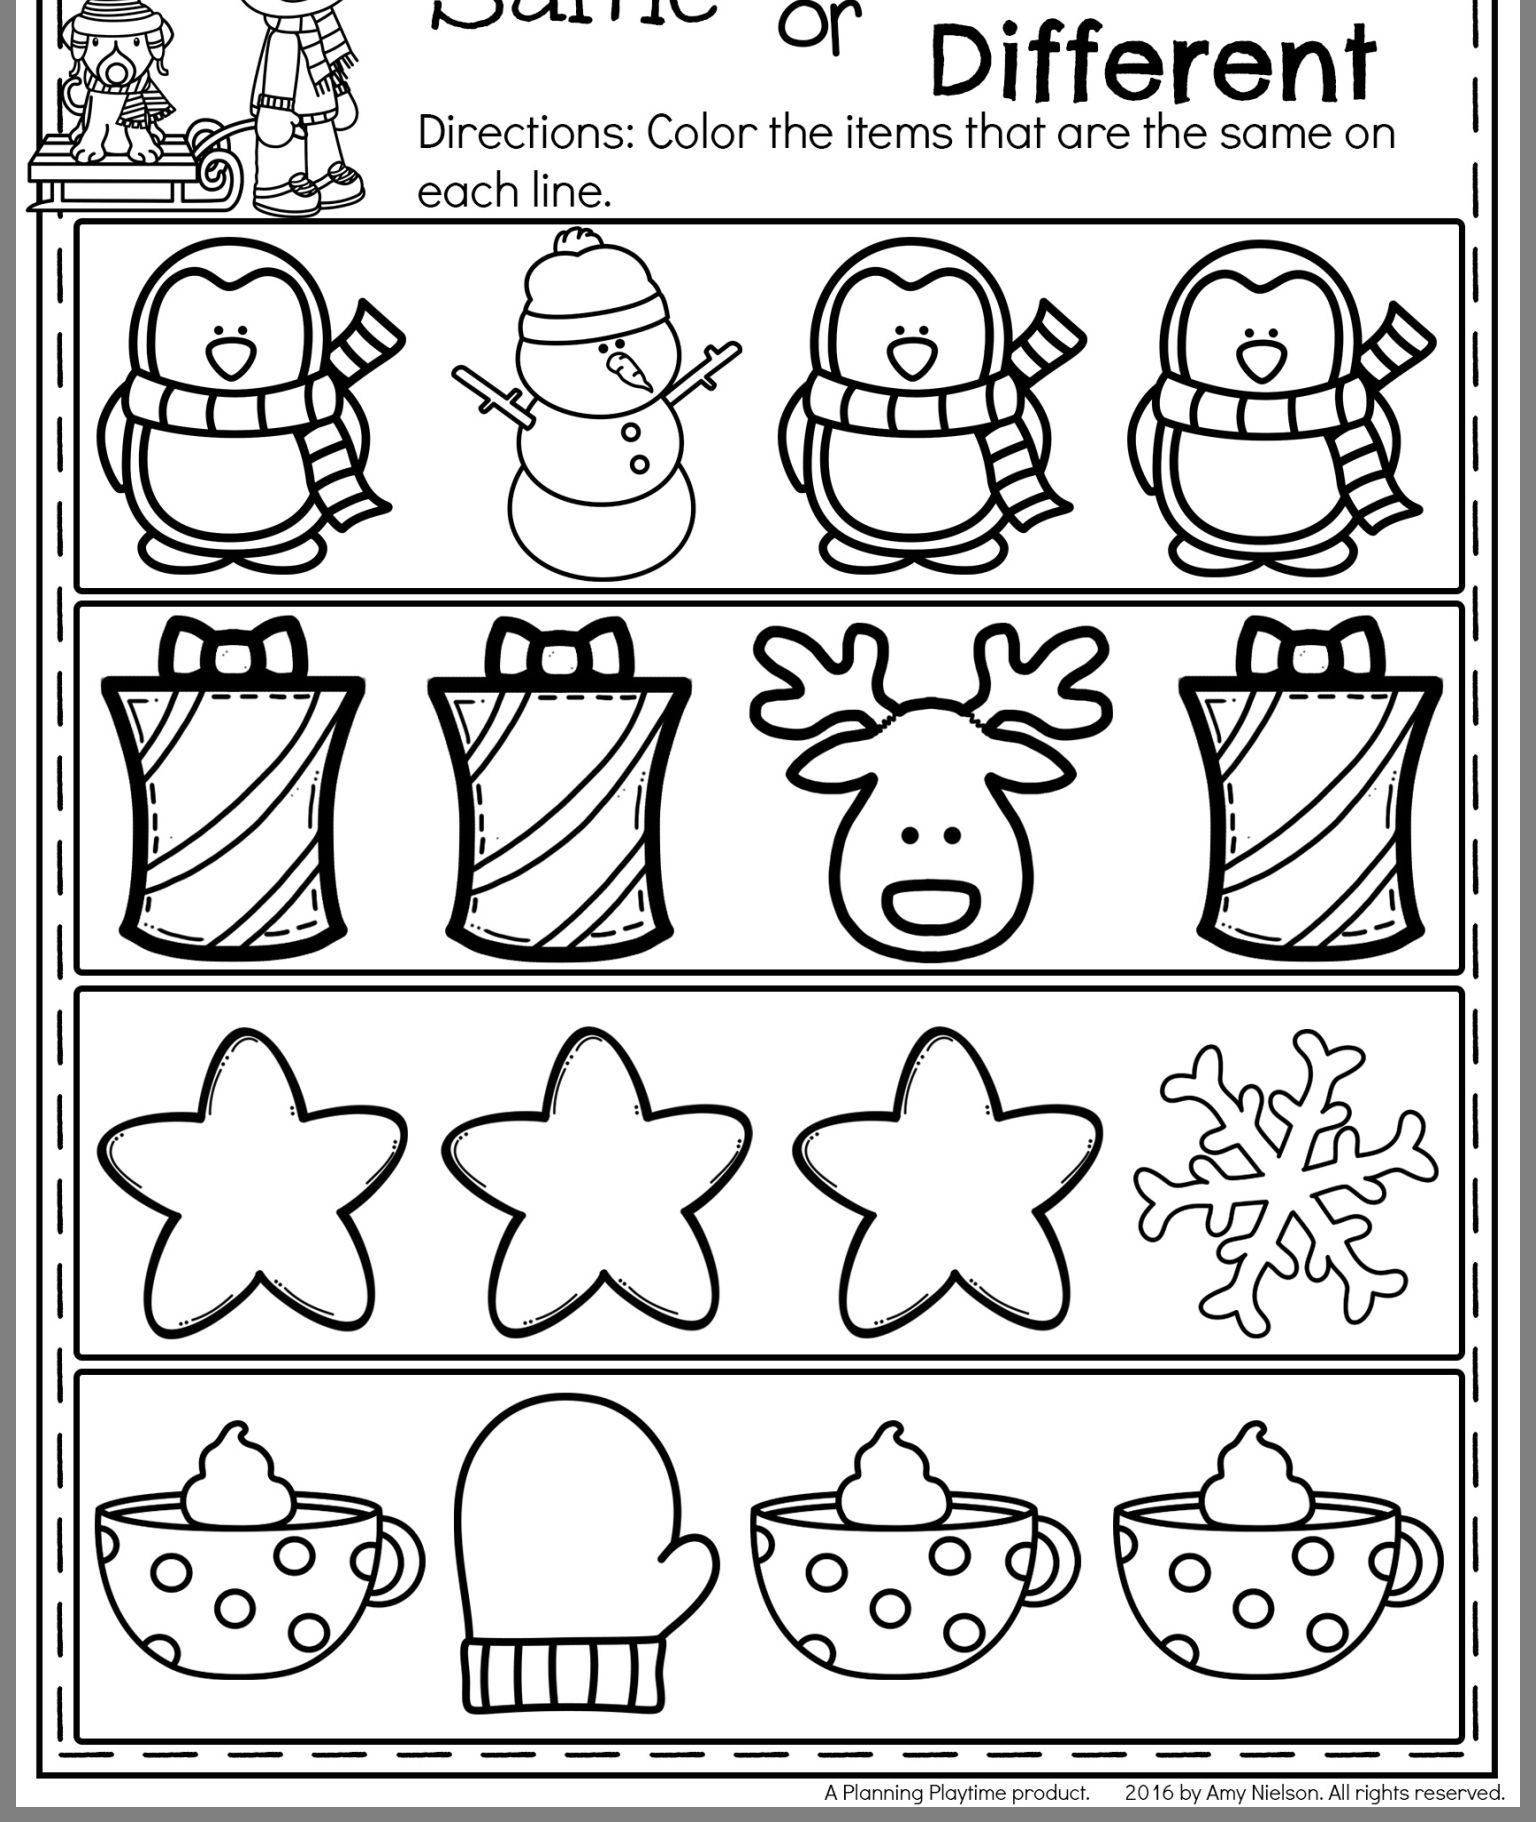 Preschool Printables Image By Kim Wesling On Preschool